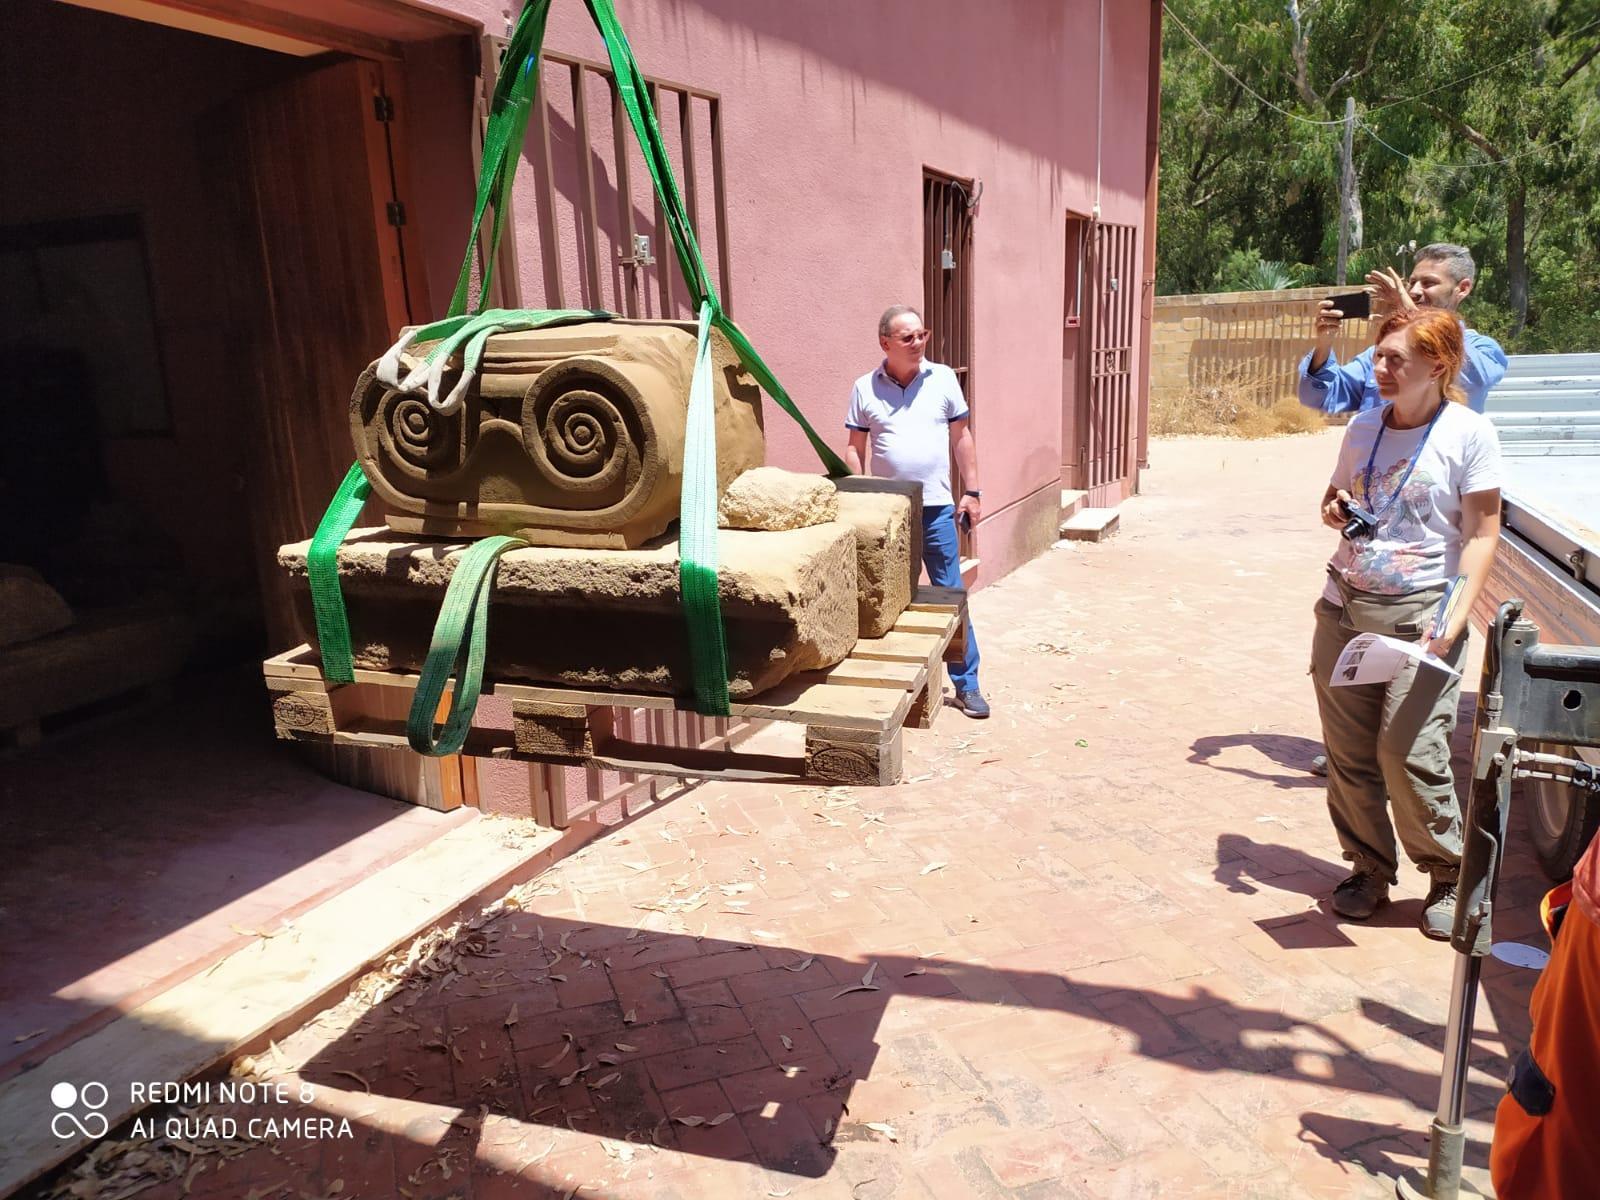 Scoperta storica durante gli scavi Enel: emerge un capitello ionico, si indaga sull'origine